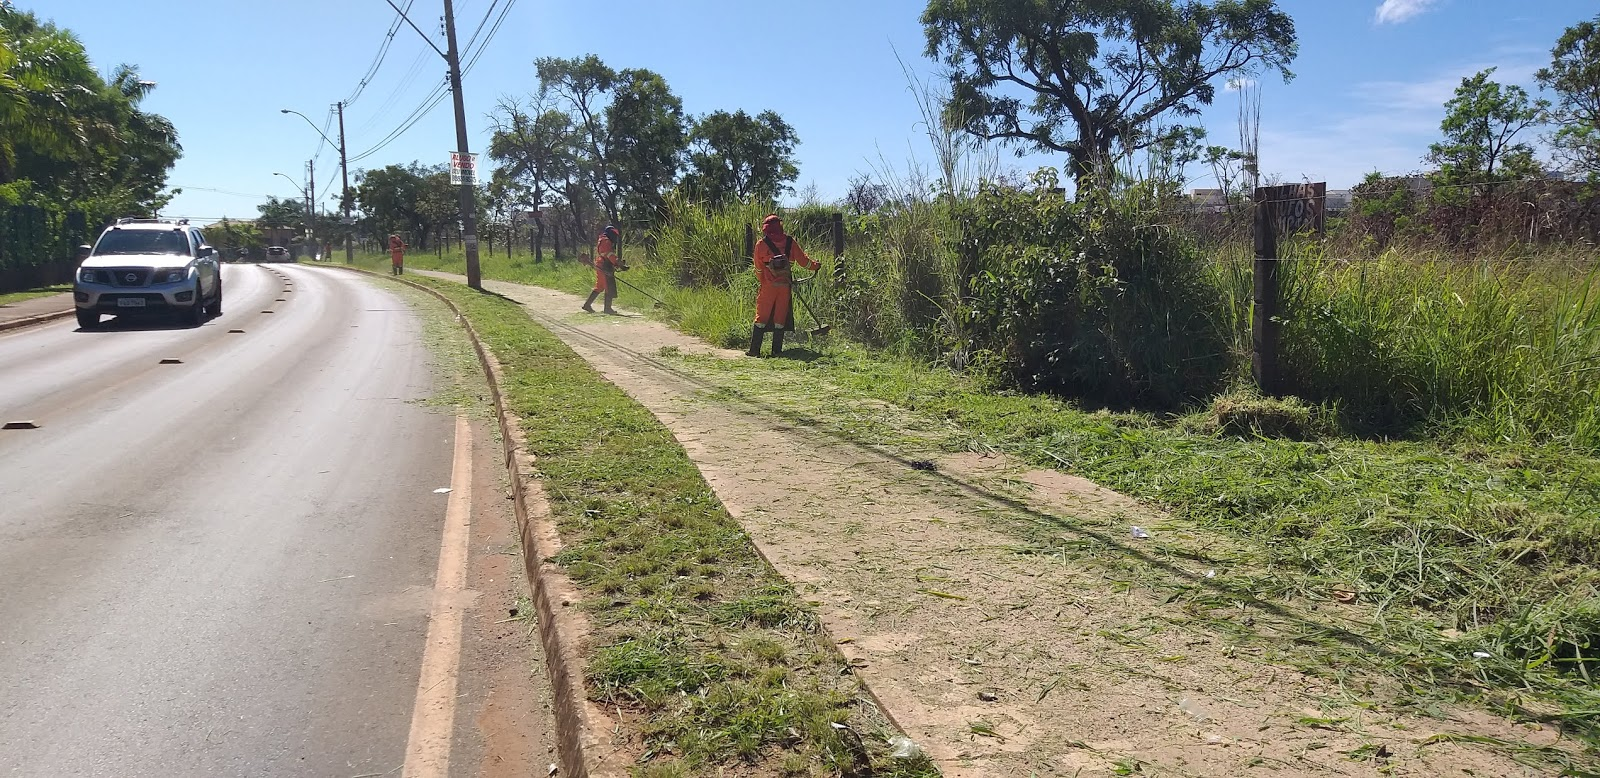 20190114 101655 - O administrador regional do Jardim Botânico, João Carlos Lóssio lançou, nesta segunda feira, ações de limpeza nas ruas que acontecerão de 14 a 16 de janeiro de 2019. SOS DF